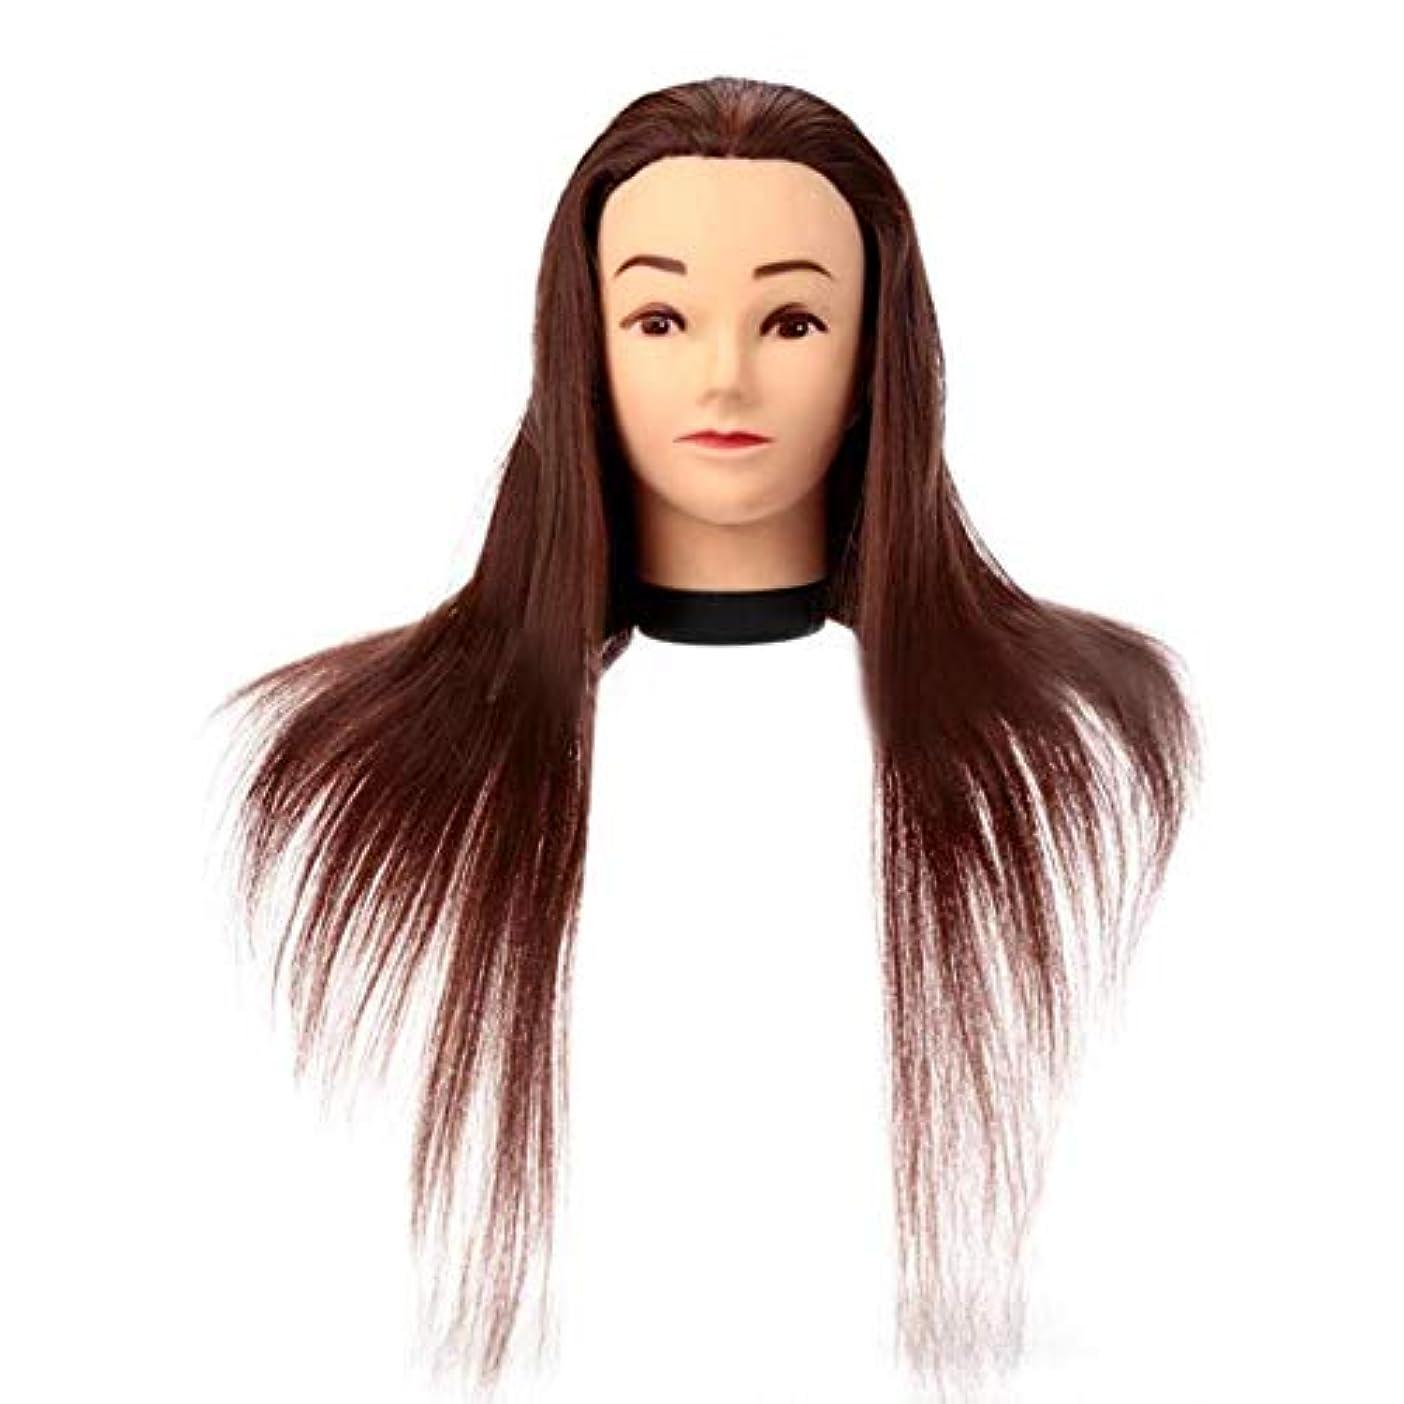 麻痺フィッティング起こりやすいサロン散髪練習ヘッドモデルメイク学校編組髪開発学習モデルヘッドヘアストレートロングかつら